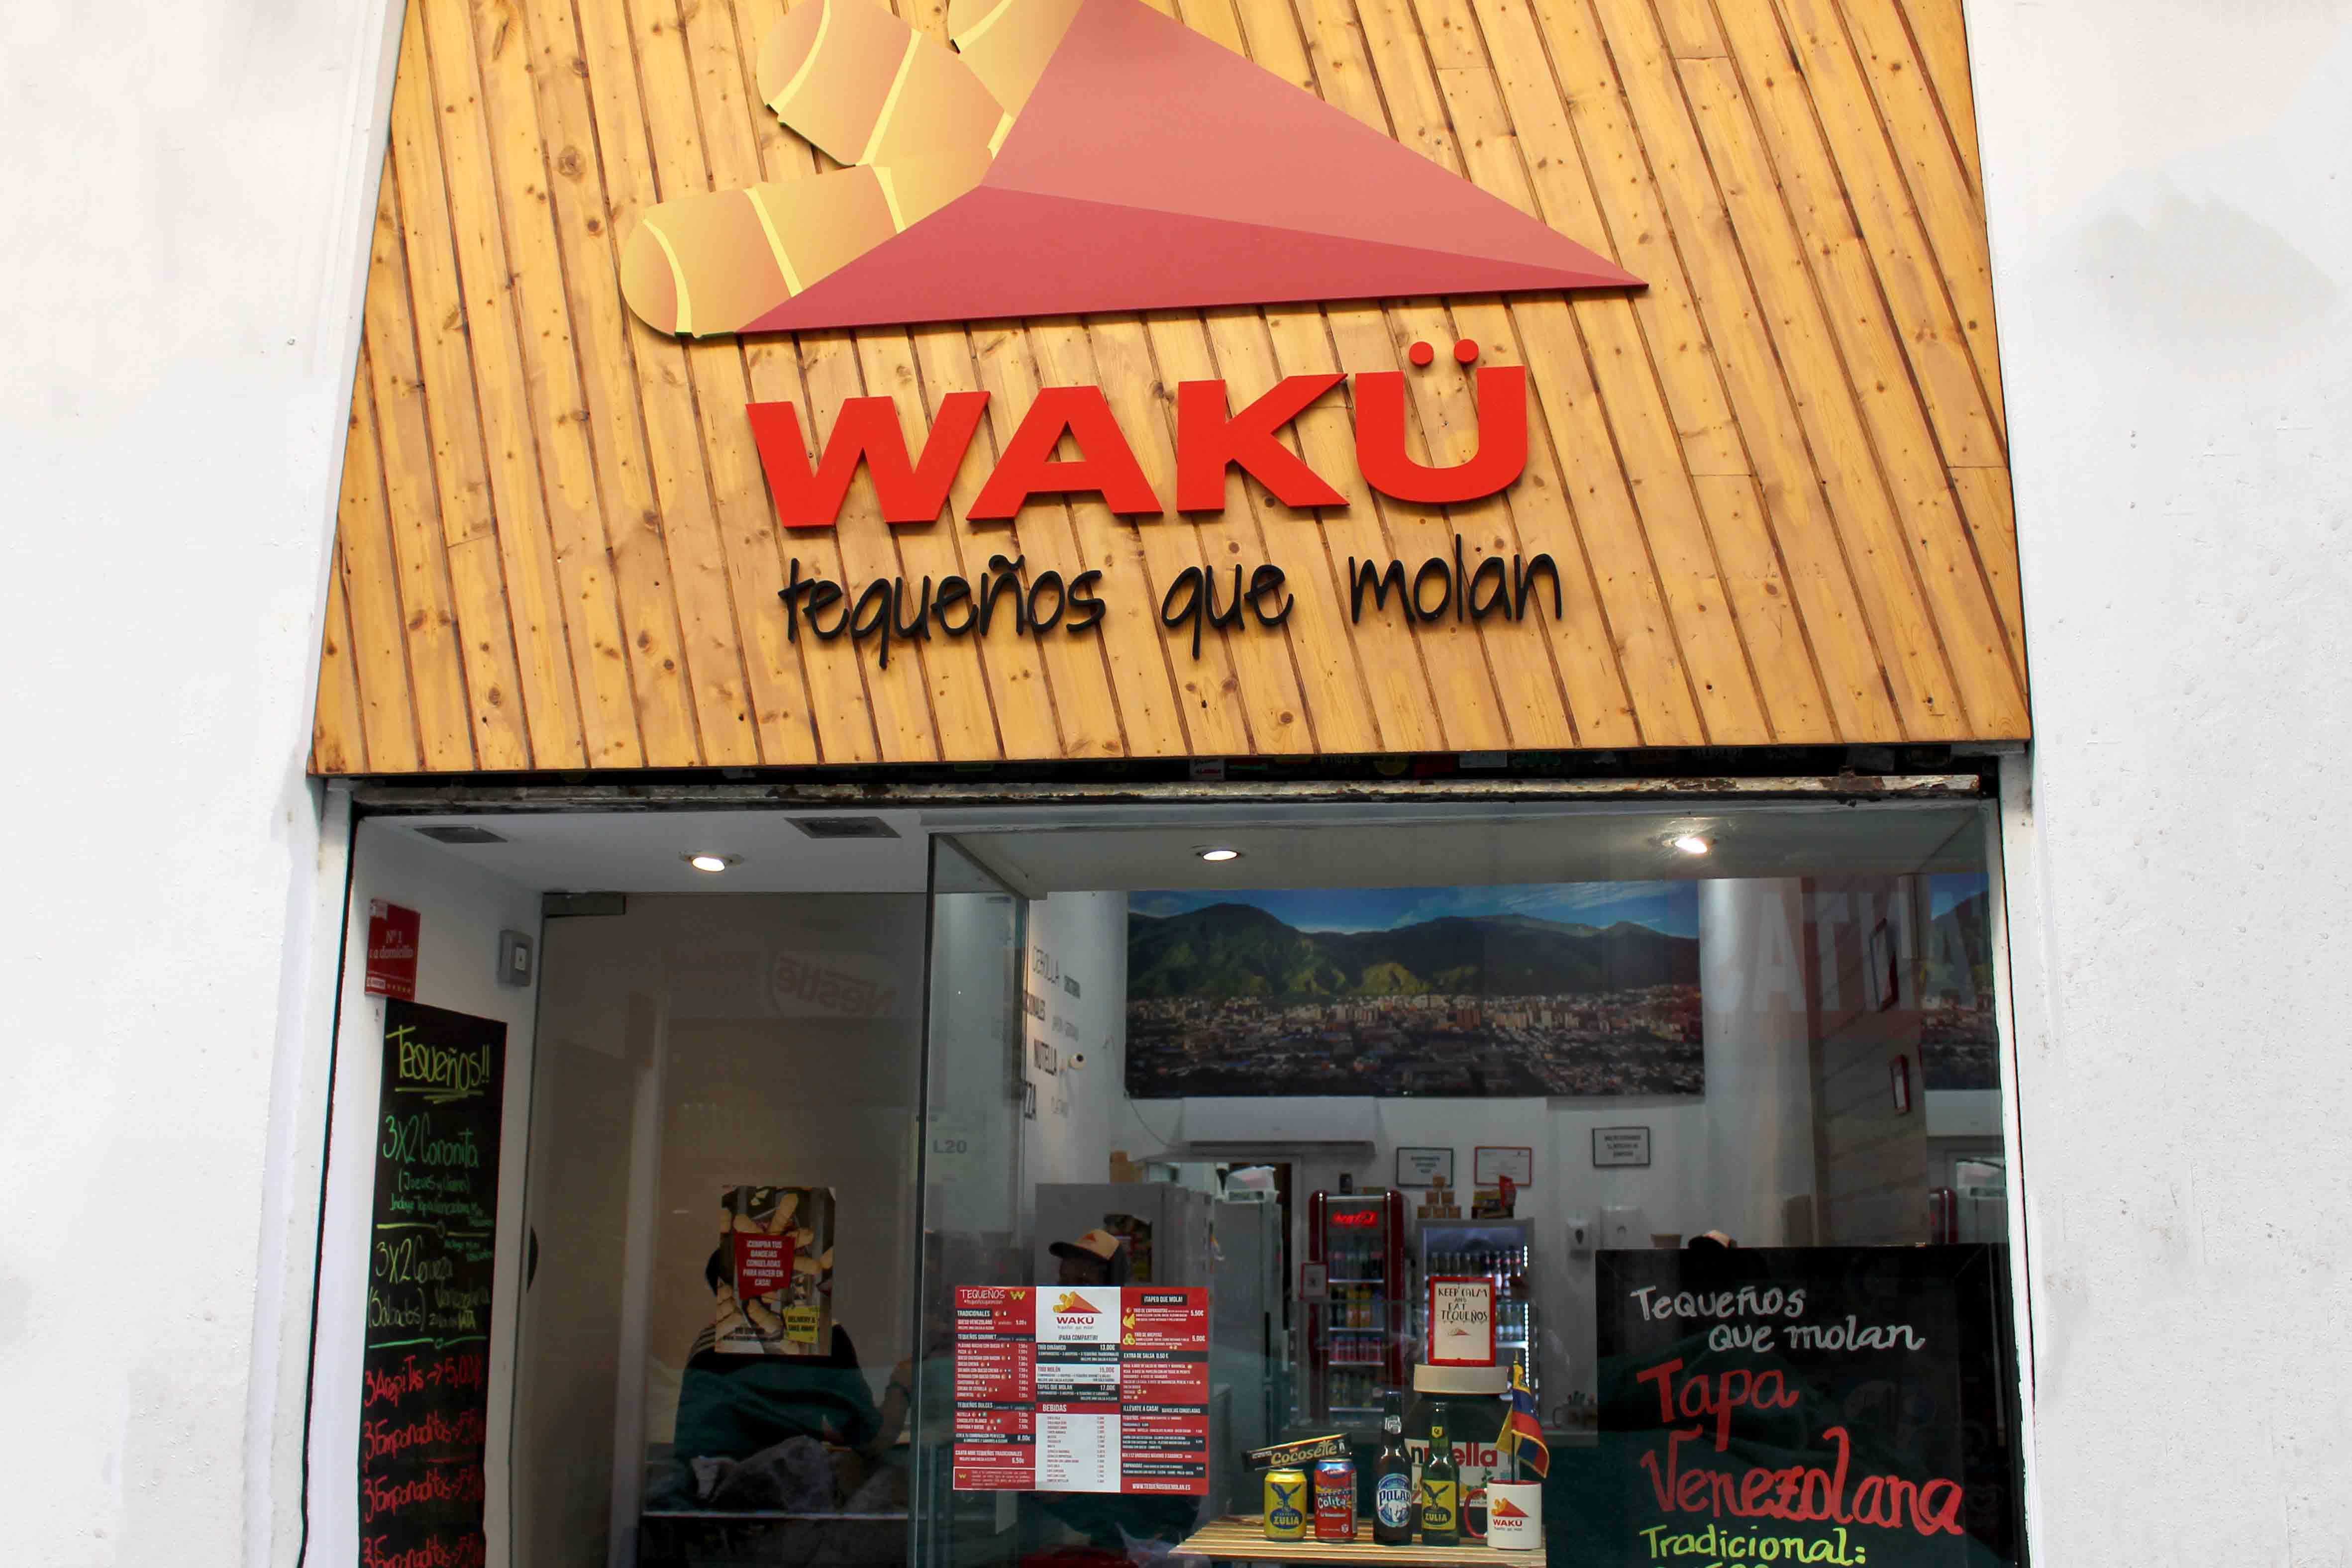 Los comienzos de Wakü fueron a través de Instagram.